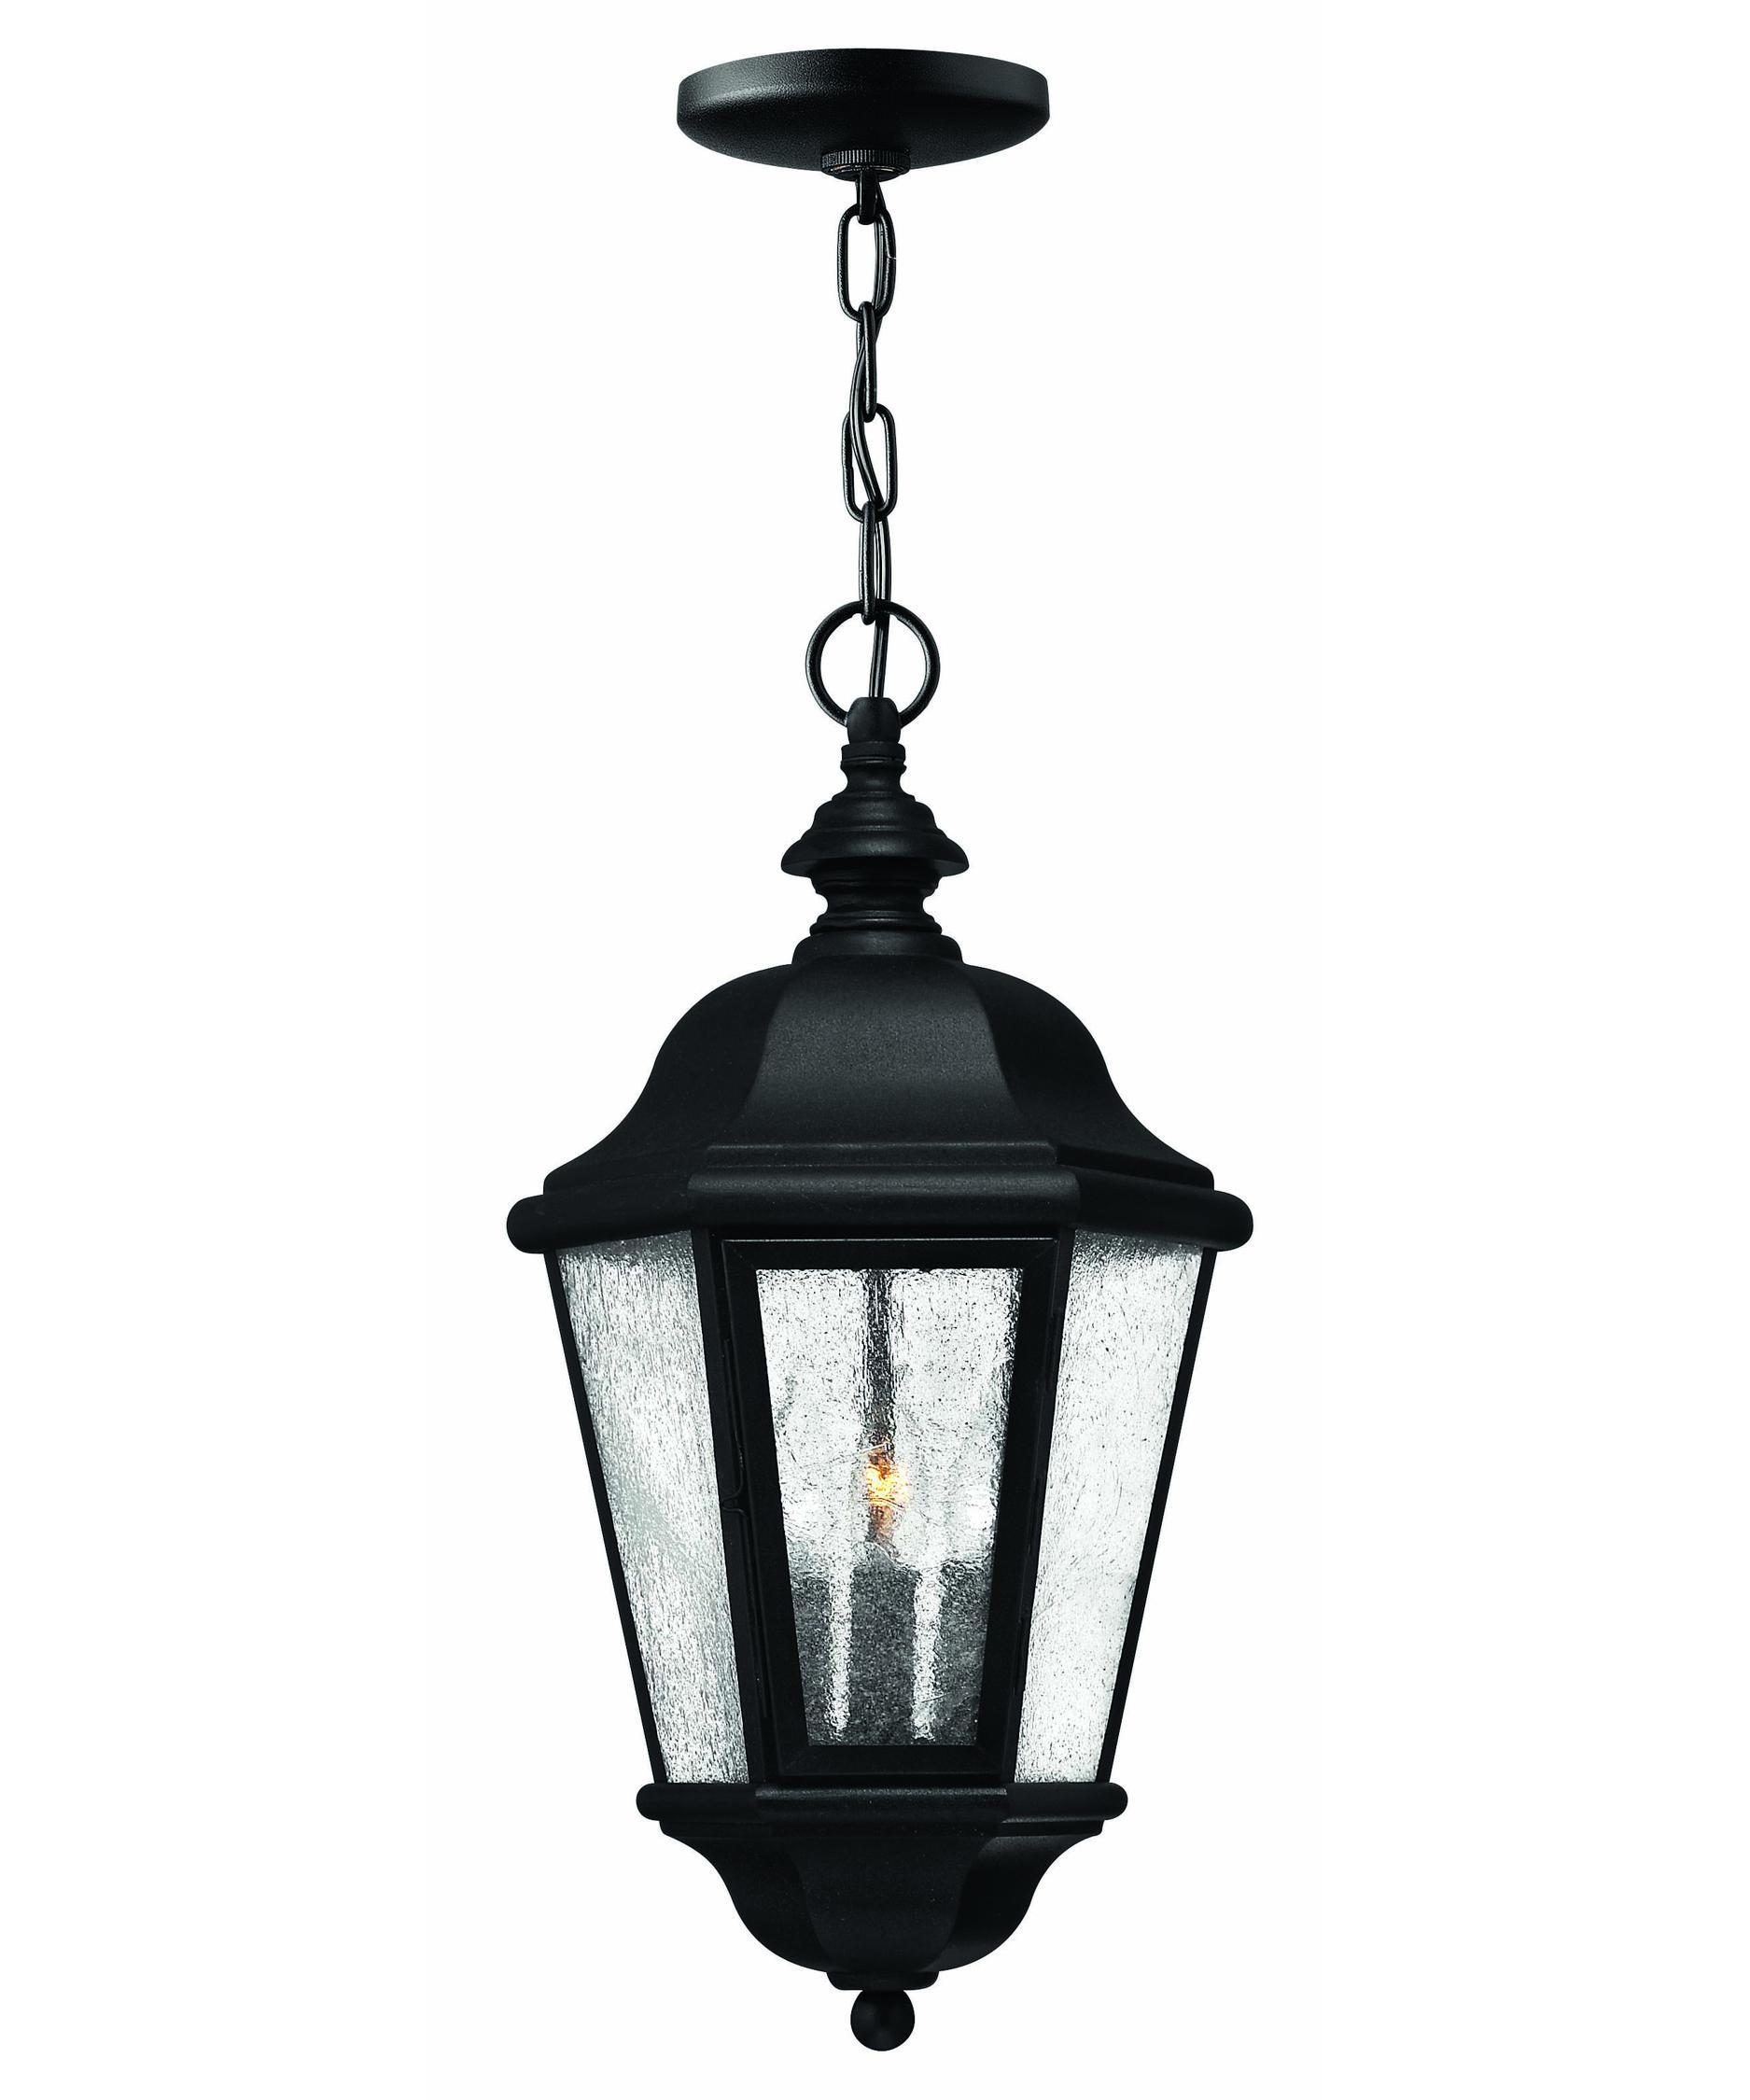 Outdoor hanging lighting - Hinkley Lighting 1672 Edgewater 10 Inch Wide 3 Light Outdoor Hanging Lantern Capitol Lighting 1 800lighting Com